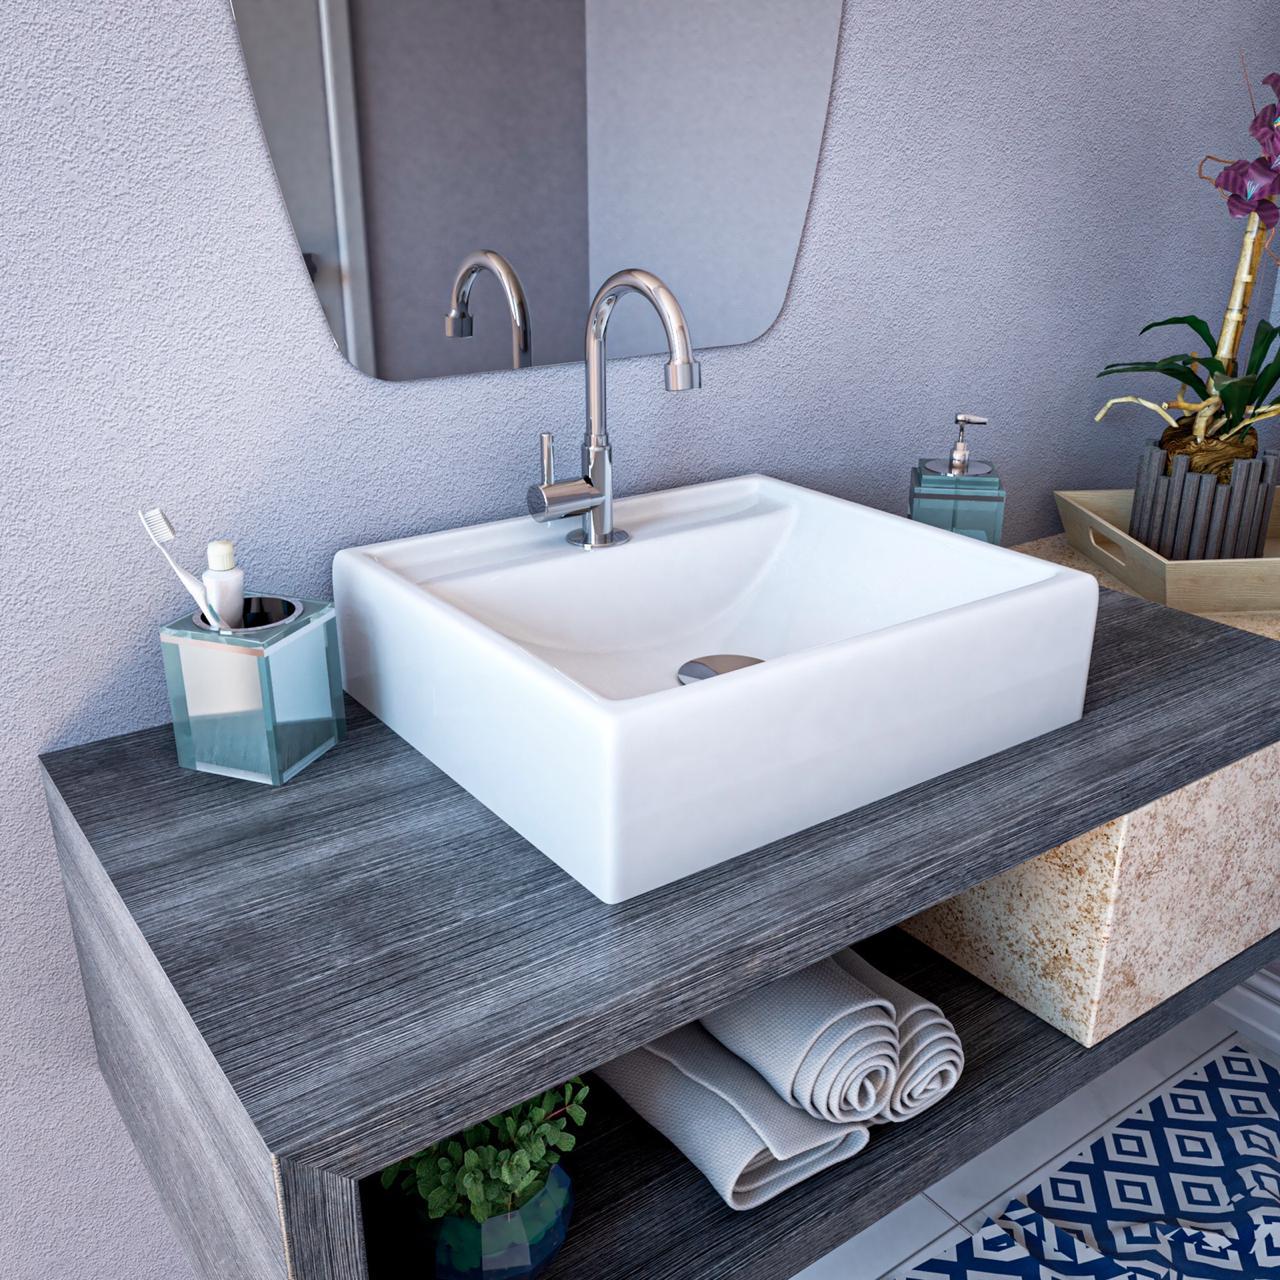 Cuba De Apoio Para Banheiro Modelo Ravena Branca Croy Cubas E Pias De Banheiro